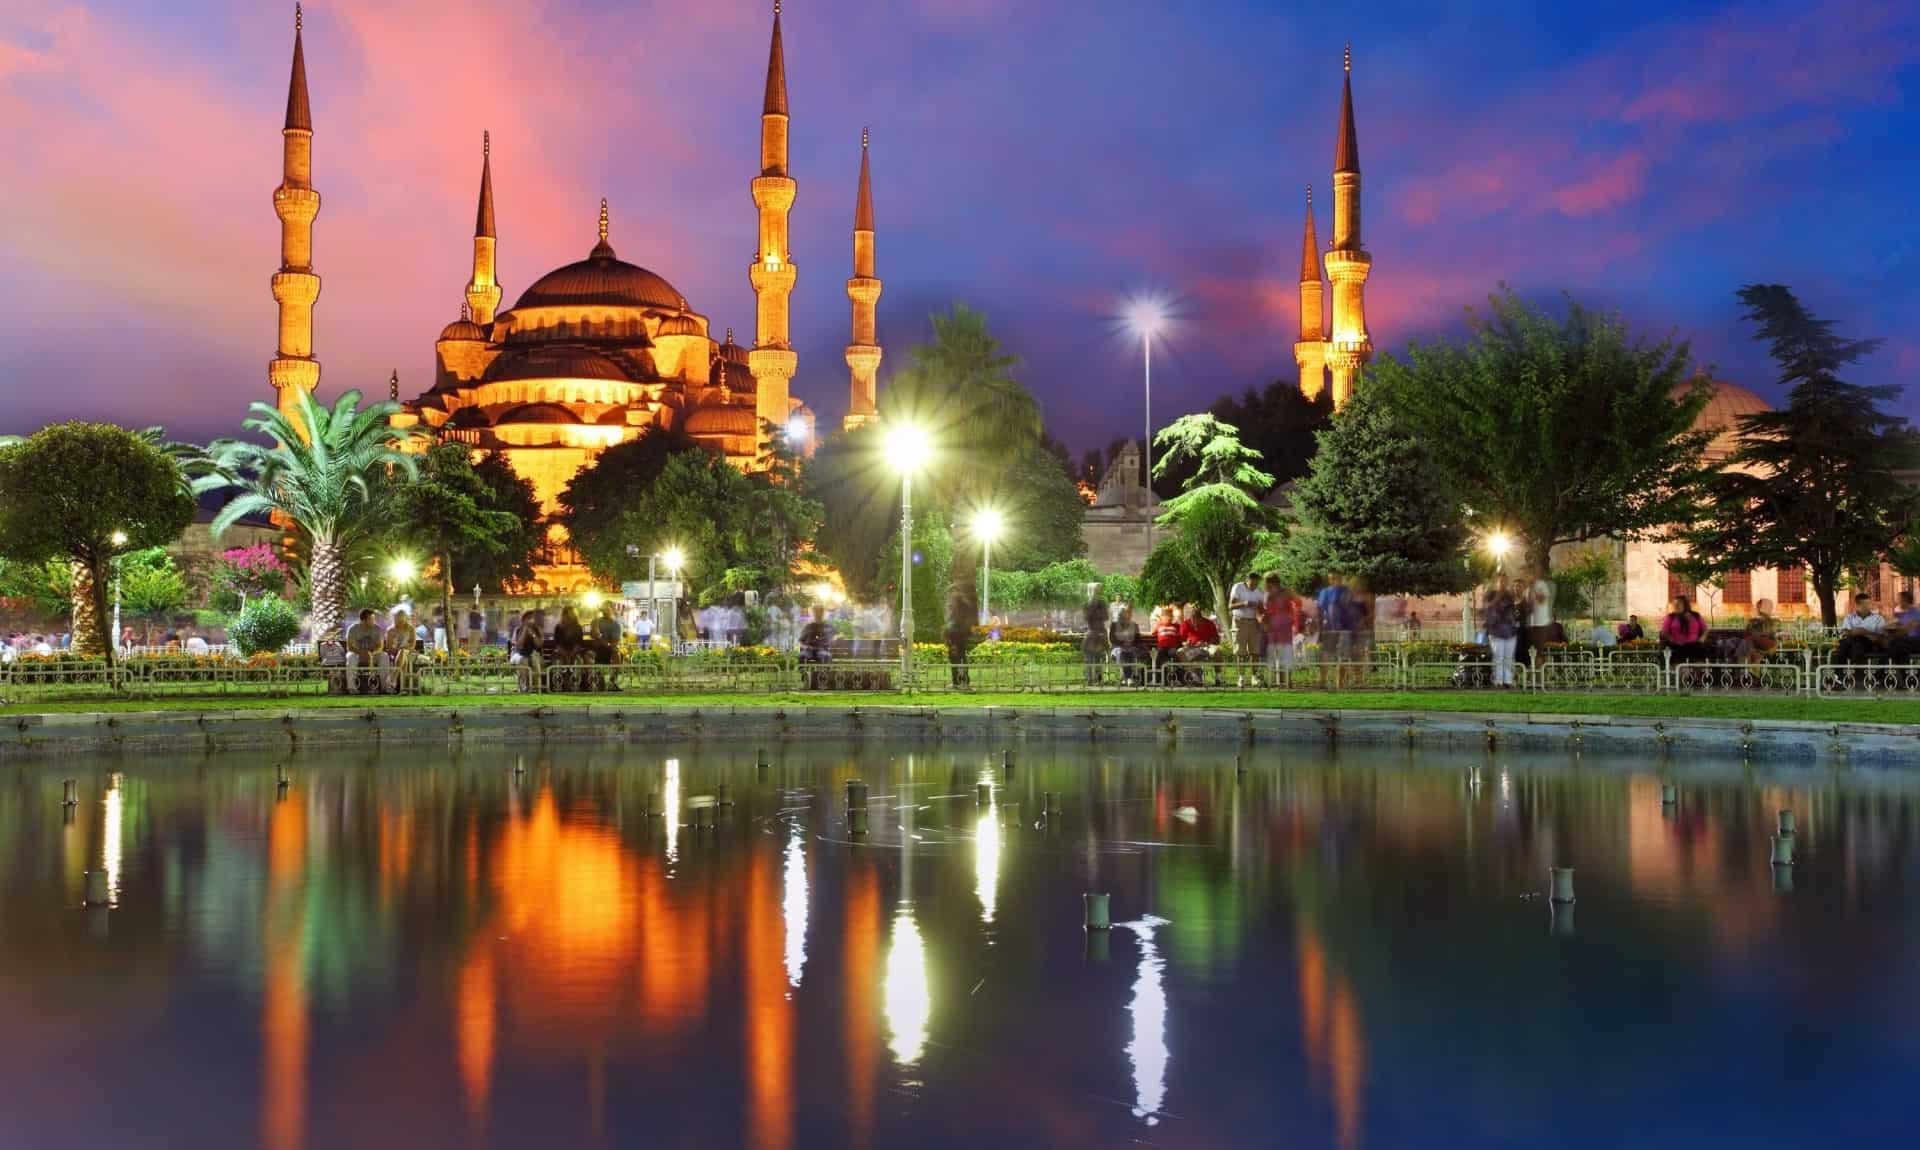 أماكن-سياحية-في-تركيا-إسطنبول